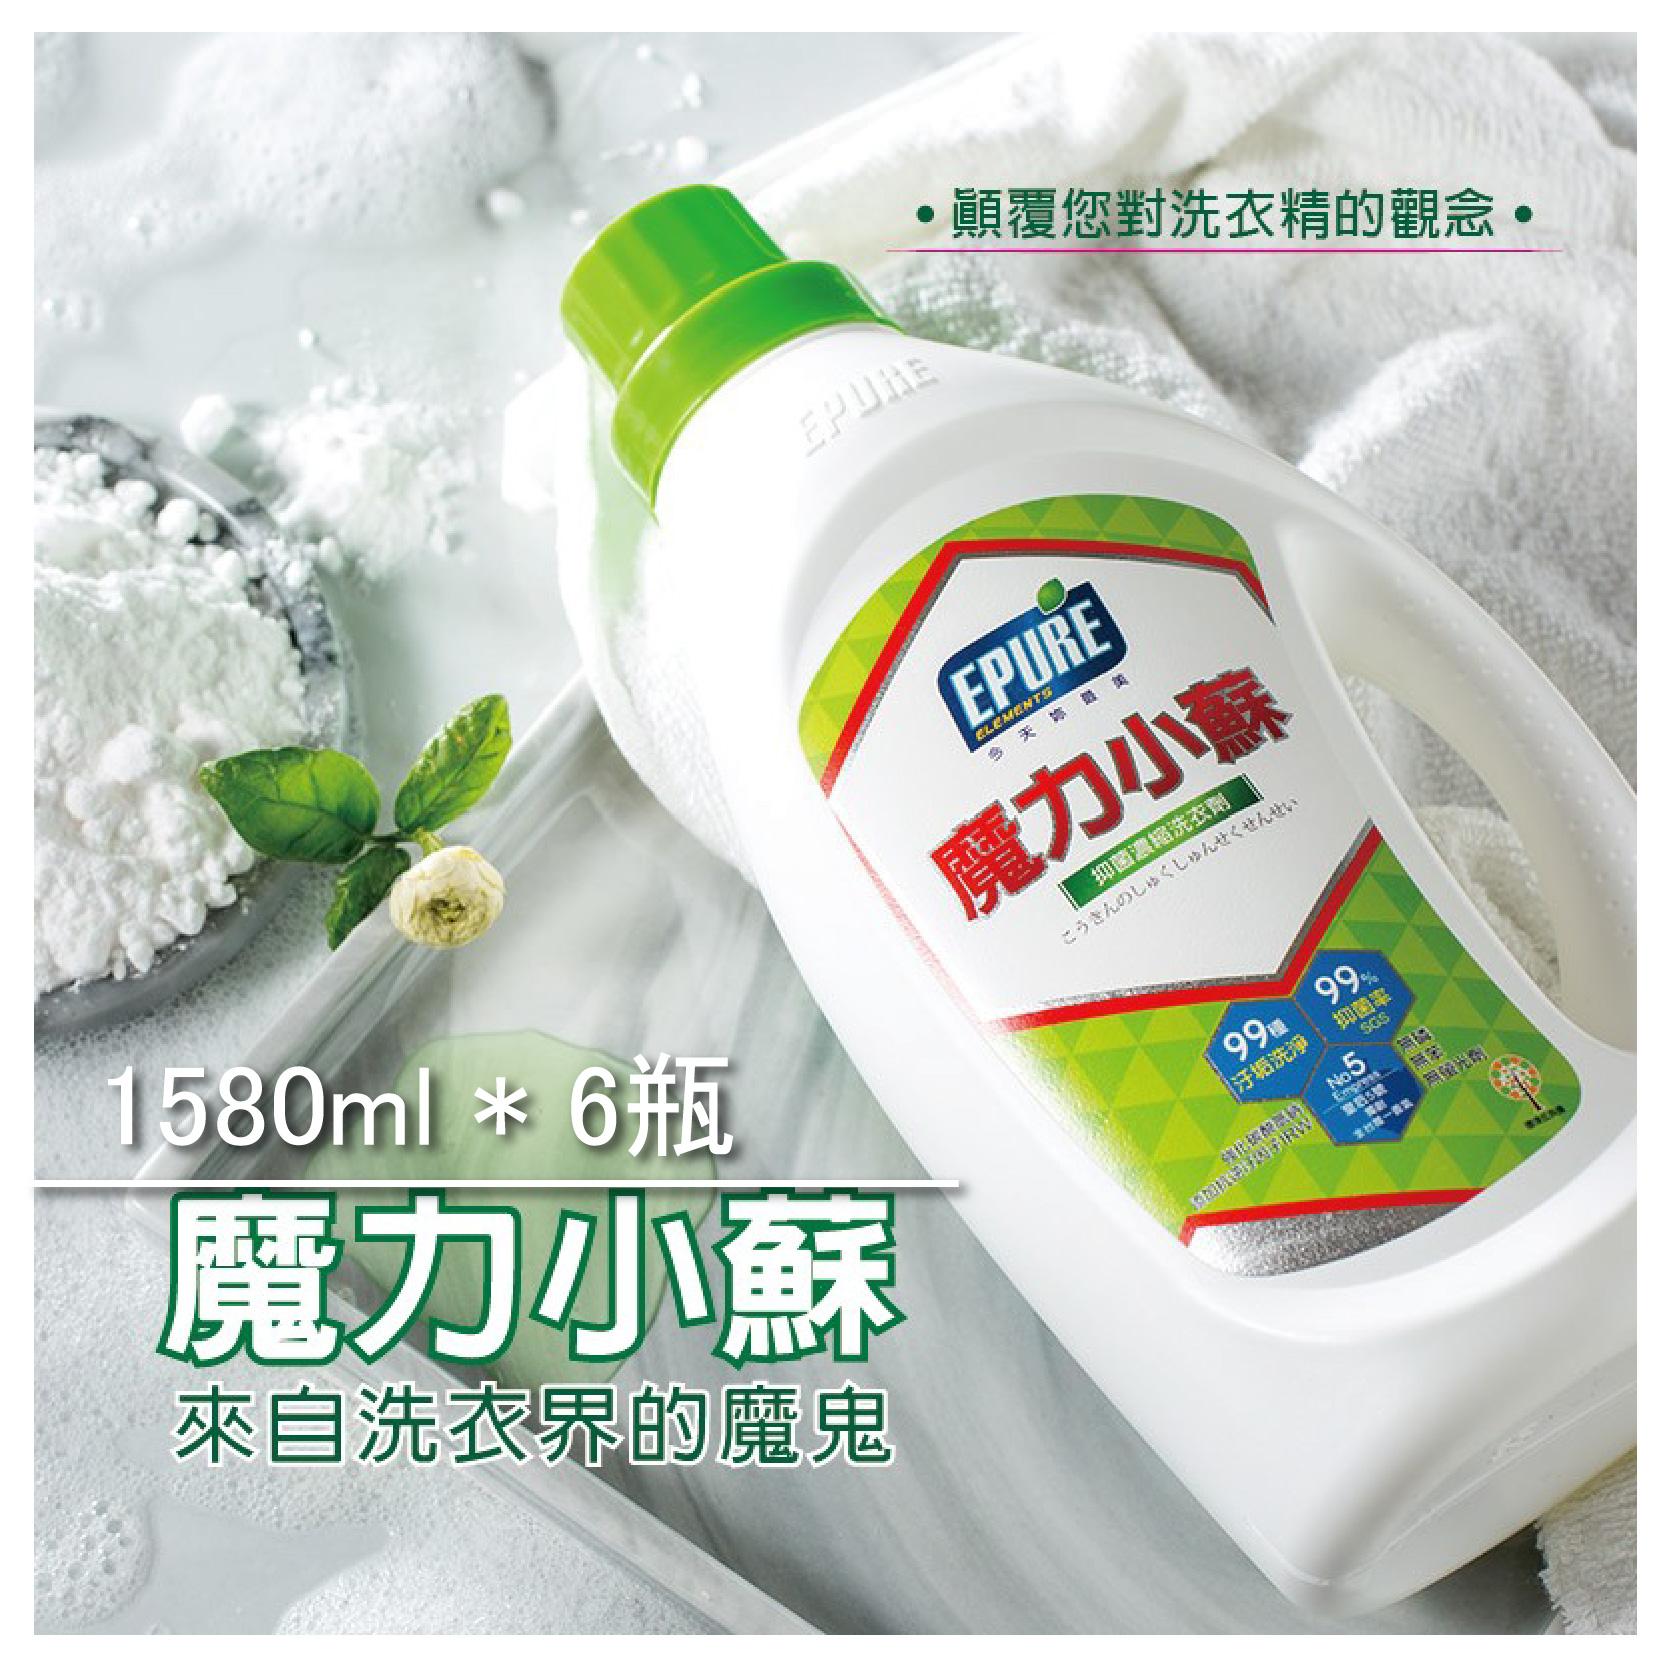 【EPURE恩普樂】魔力小蘇淨化濃縮洗衣精/洗衣精/1580ml-6瓶